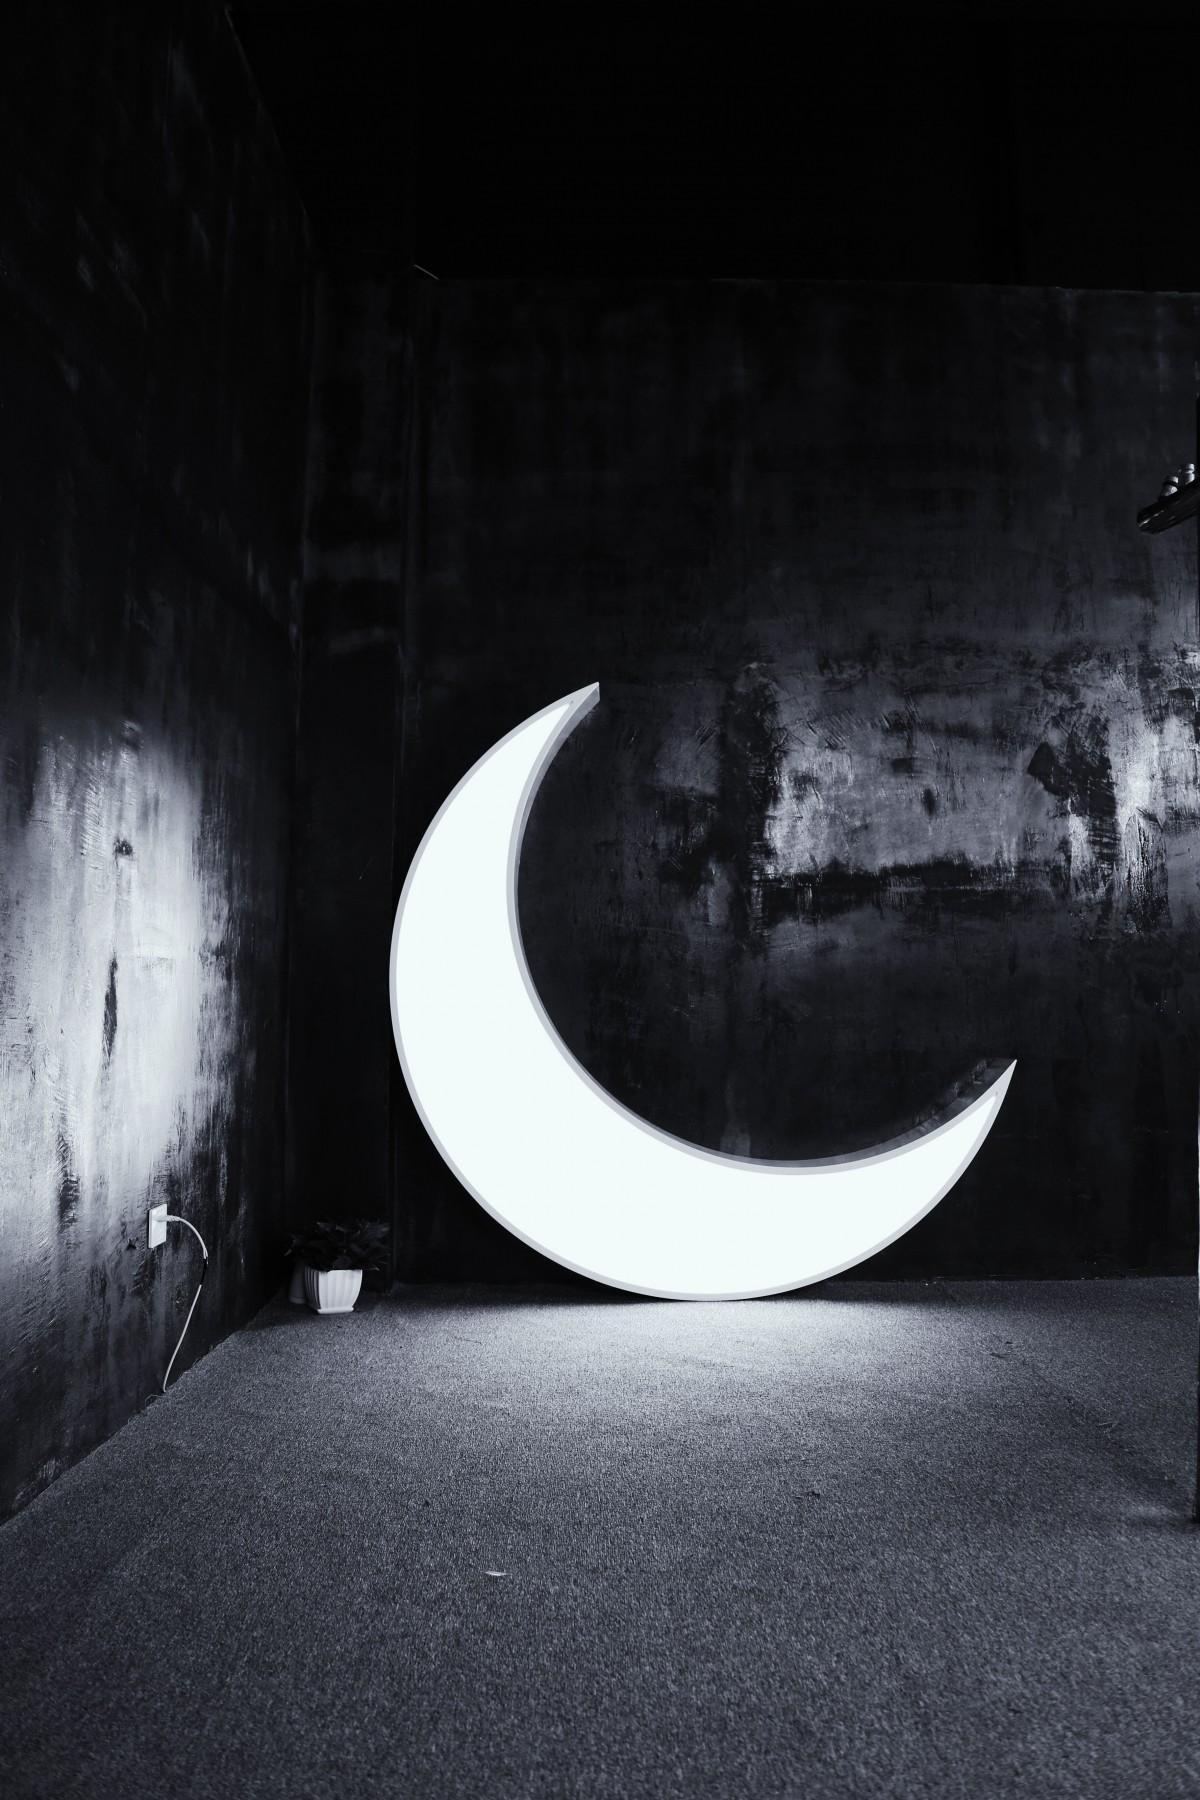 Fotos gratis  ligero en blanco y negro noche